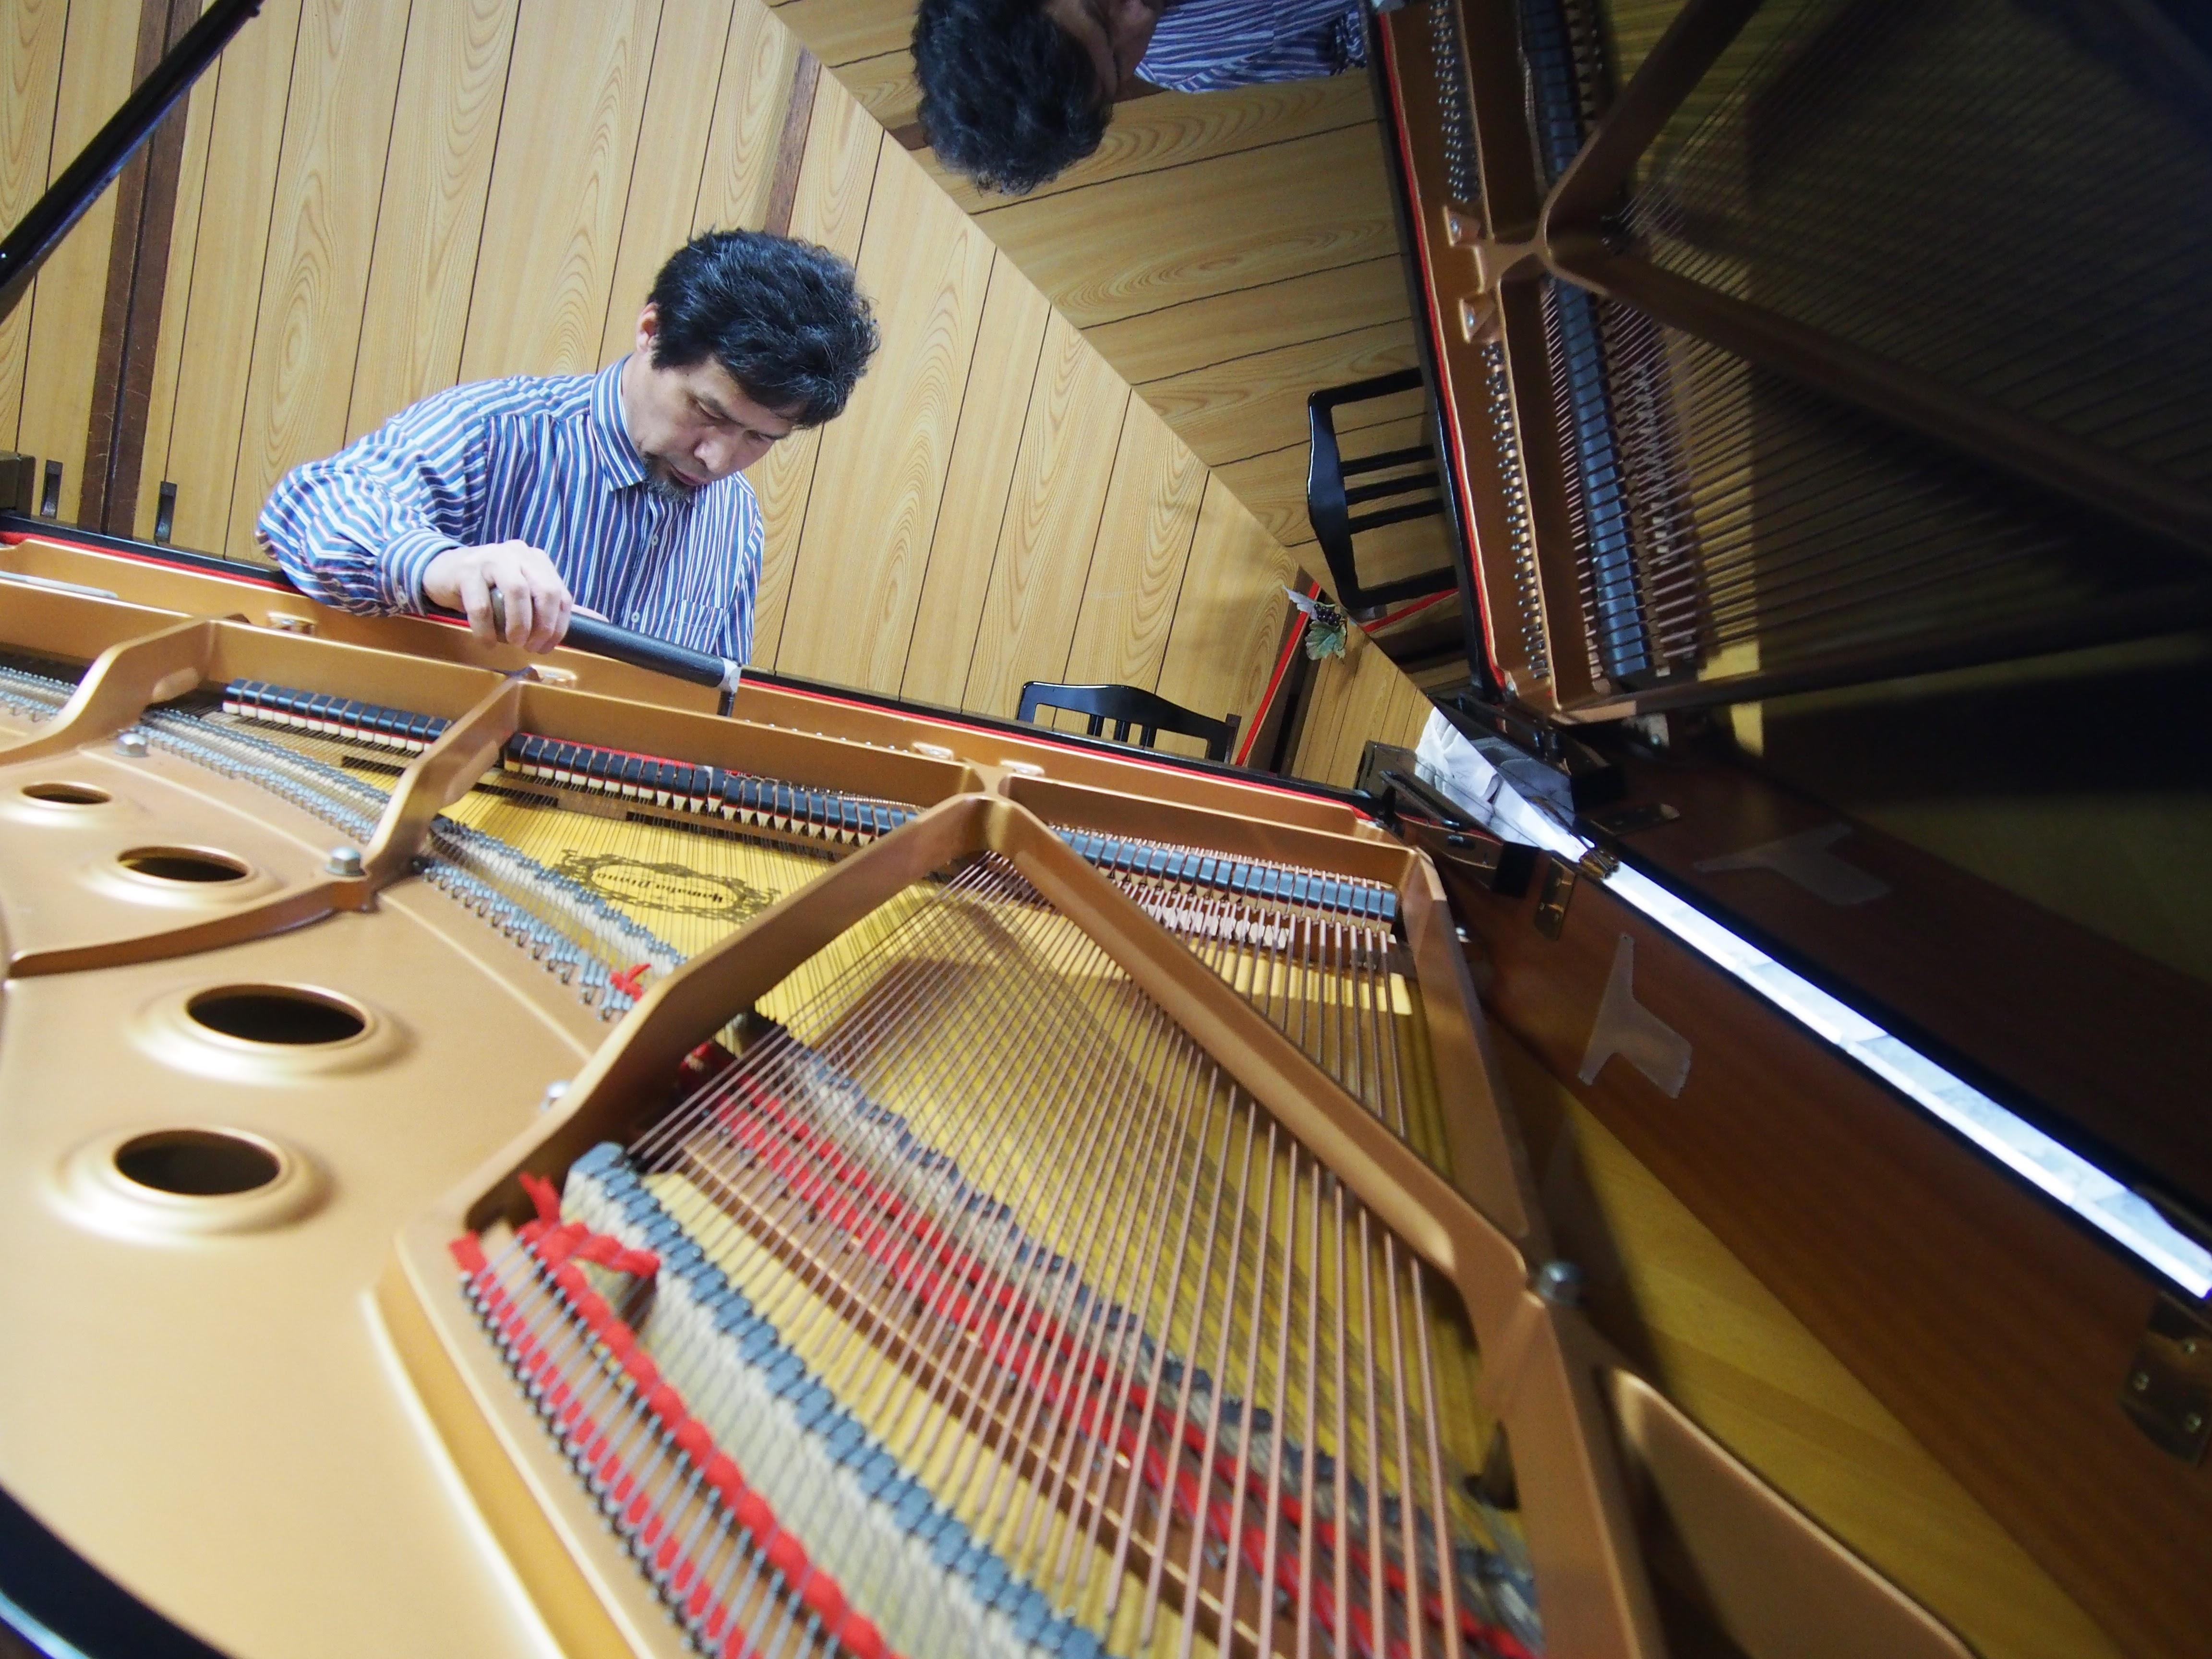 ピアノがメッチャ良い音になる岡本調律師の仕事を紹介します